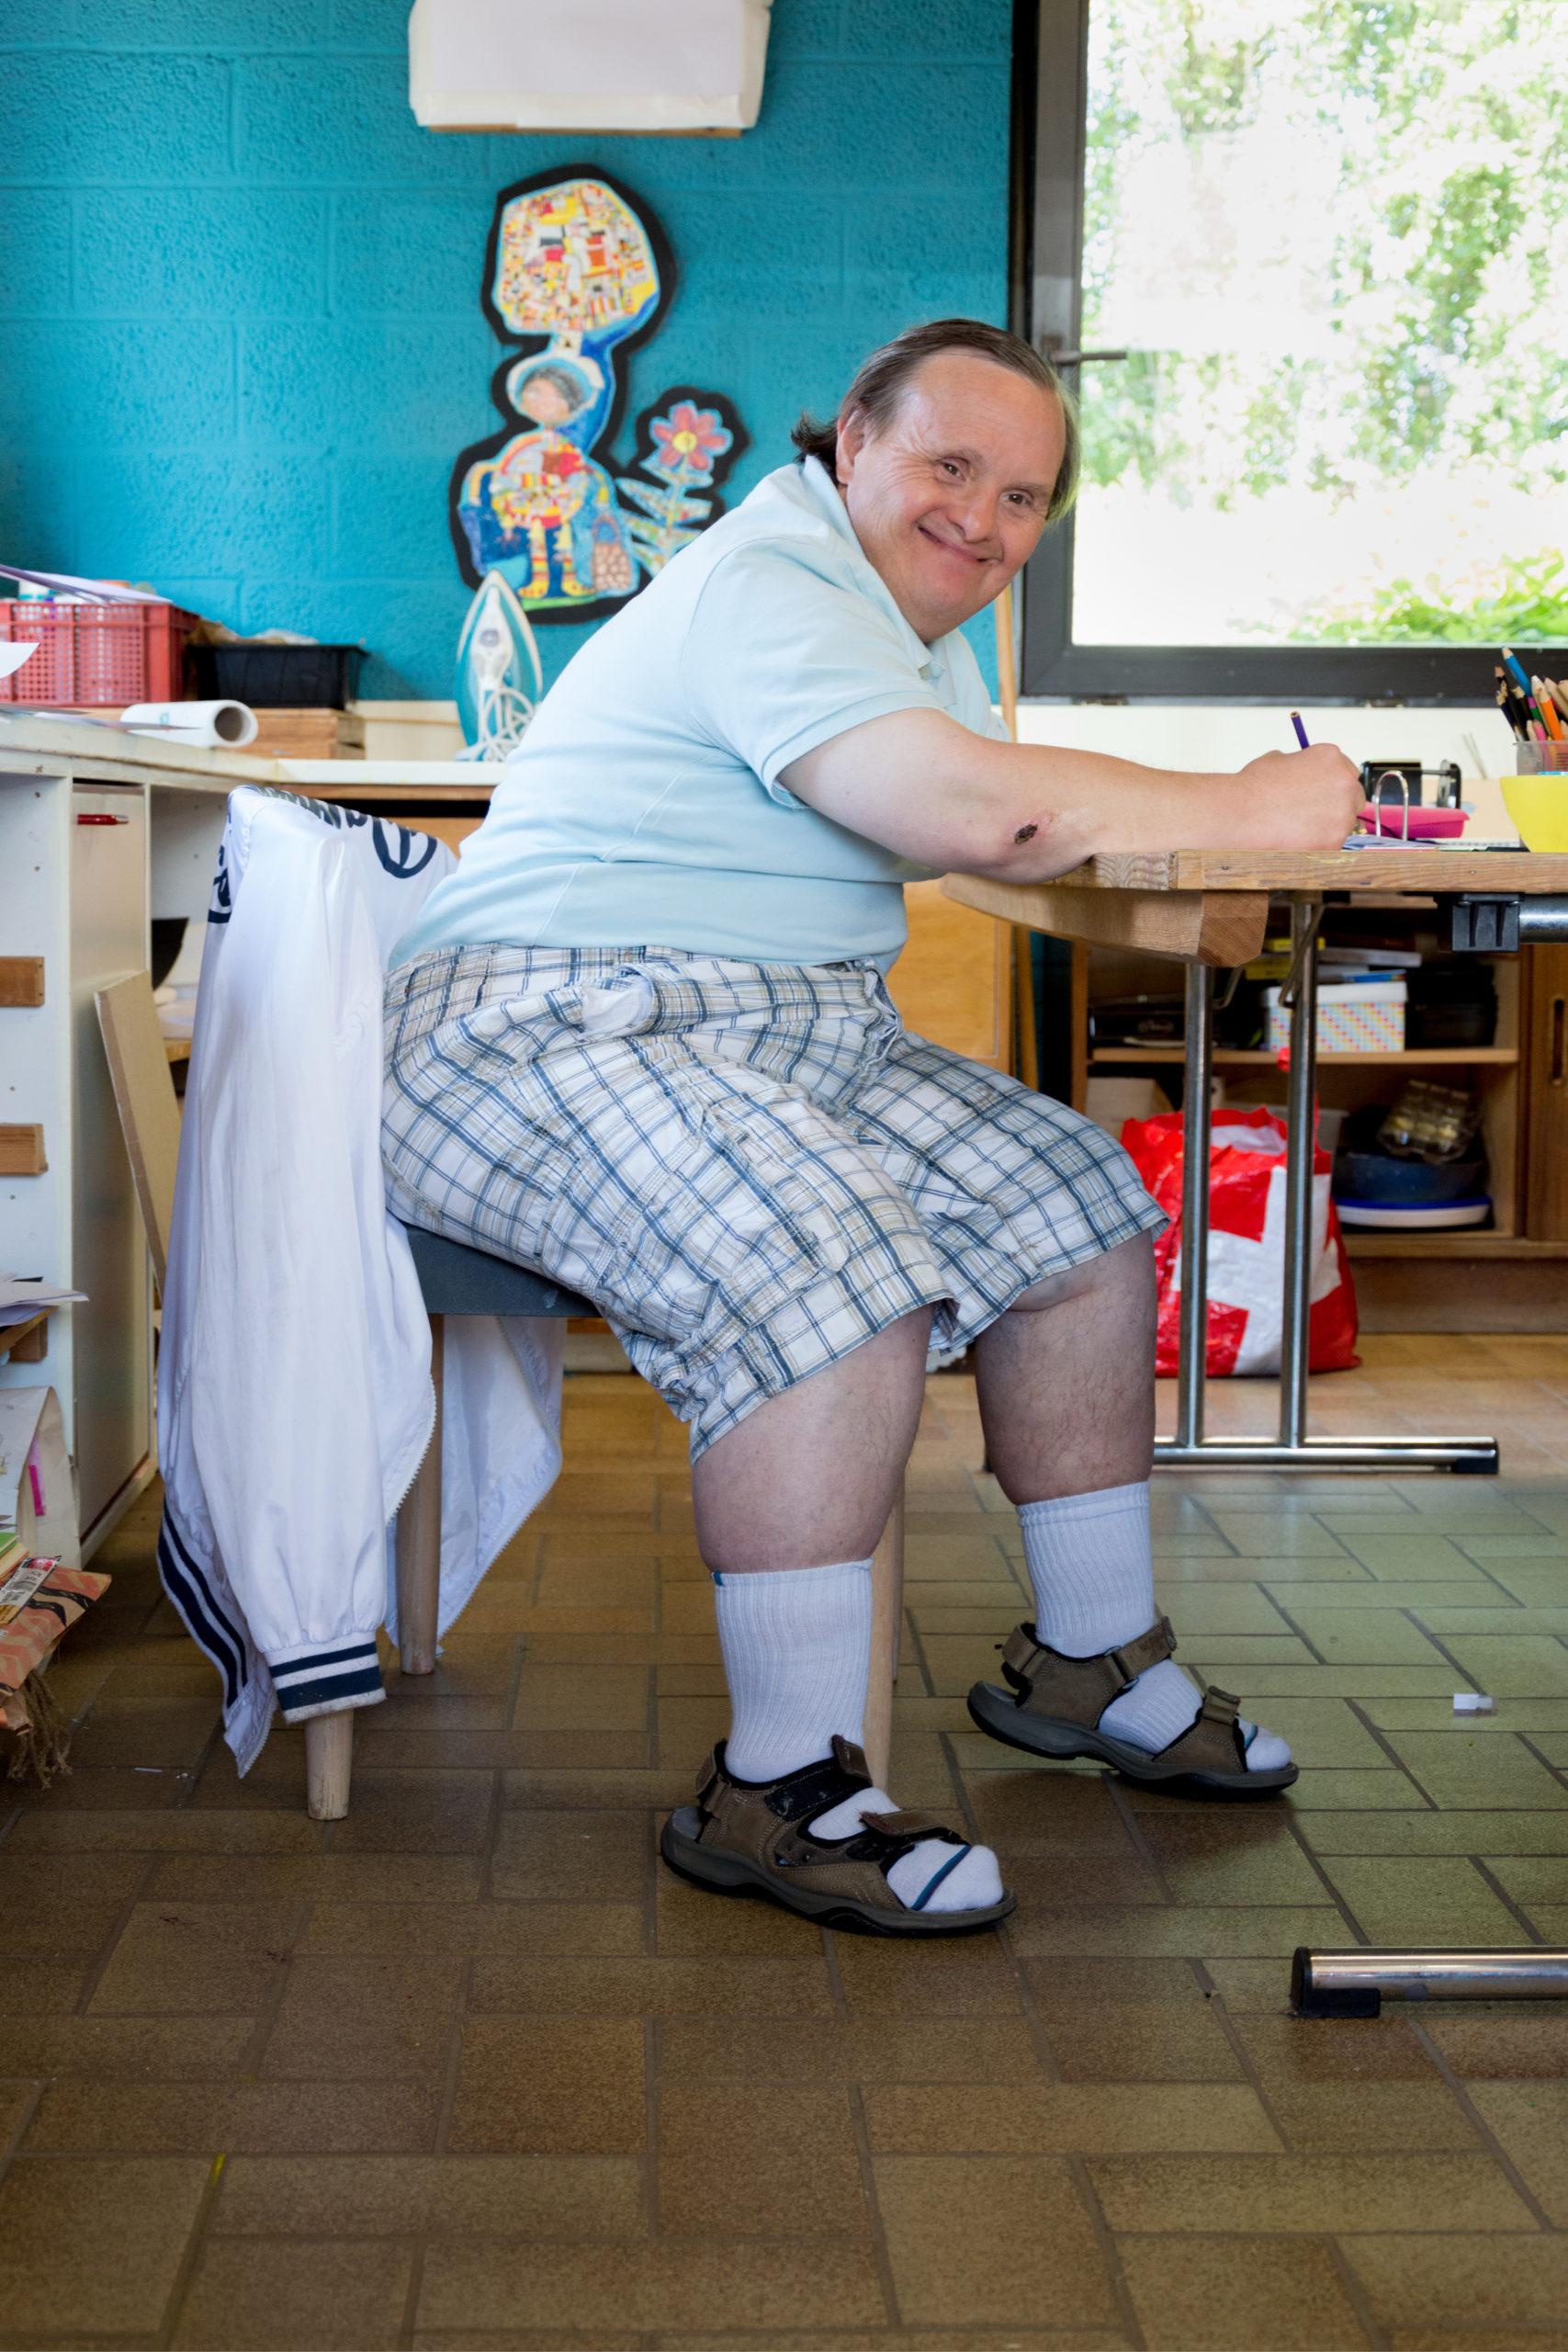 Homme handicapé souriant assis à une table d'école en train d'écrire et son regard dans notre direction